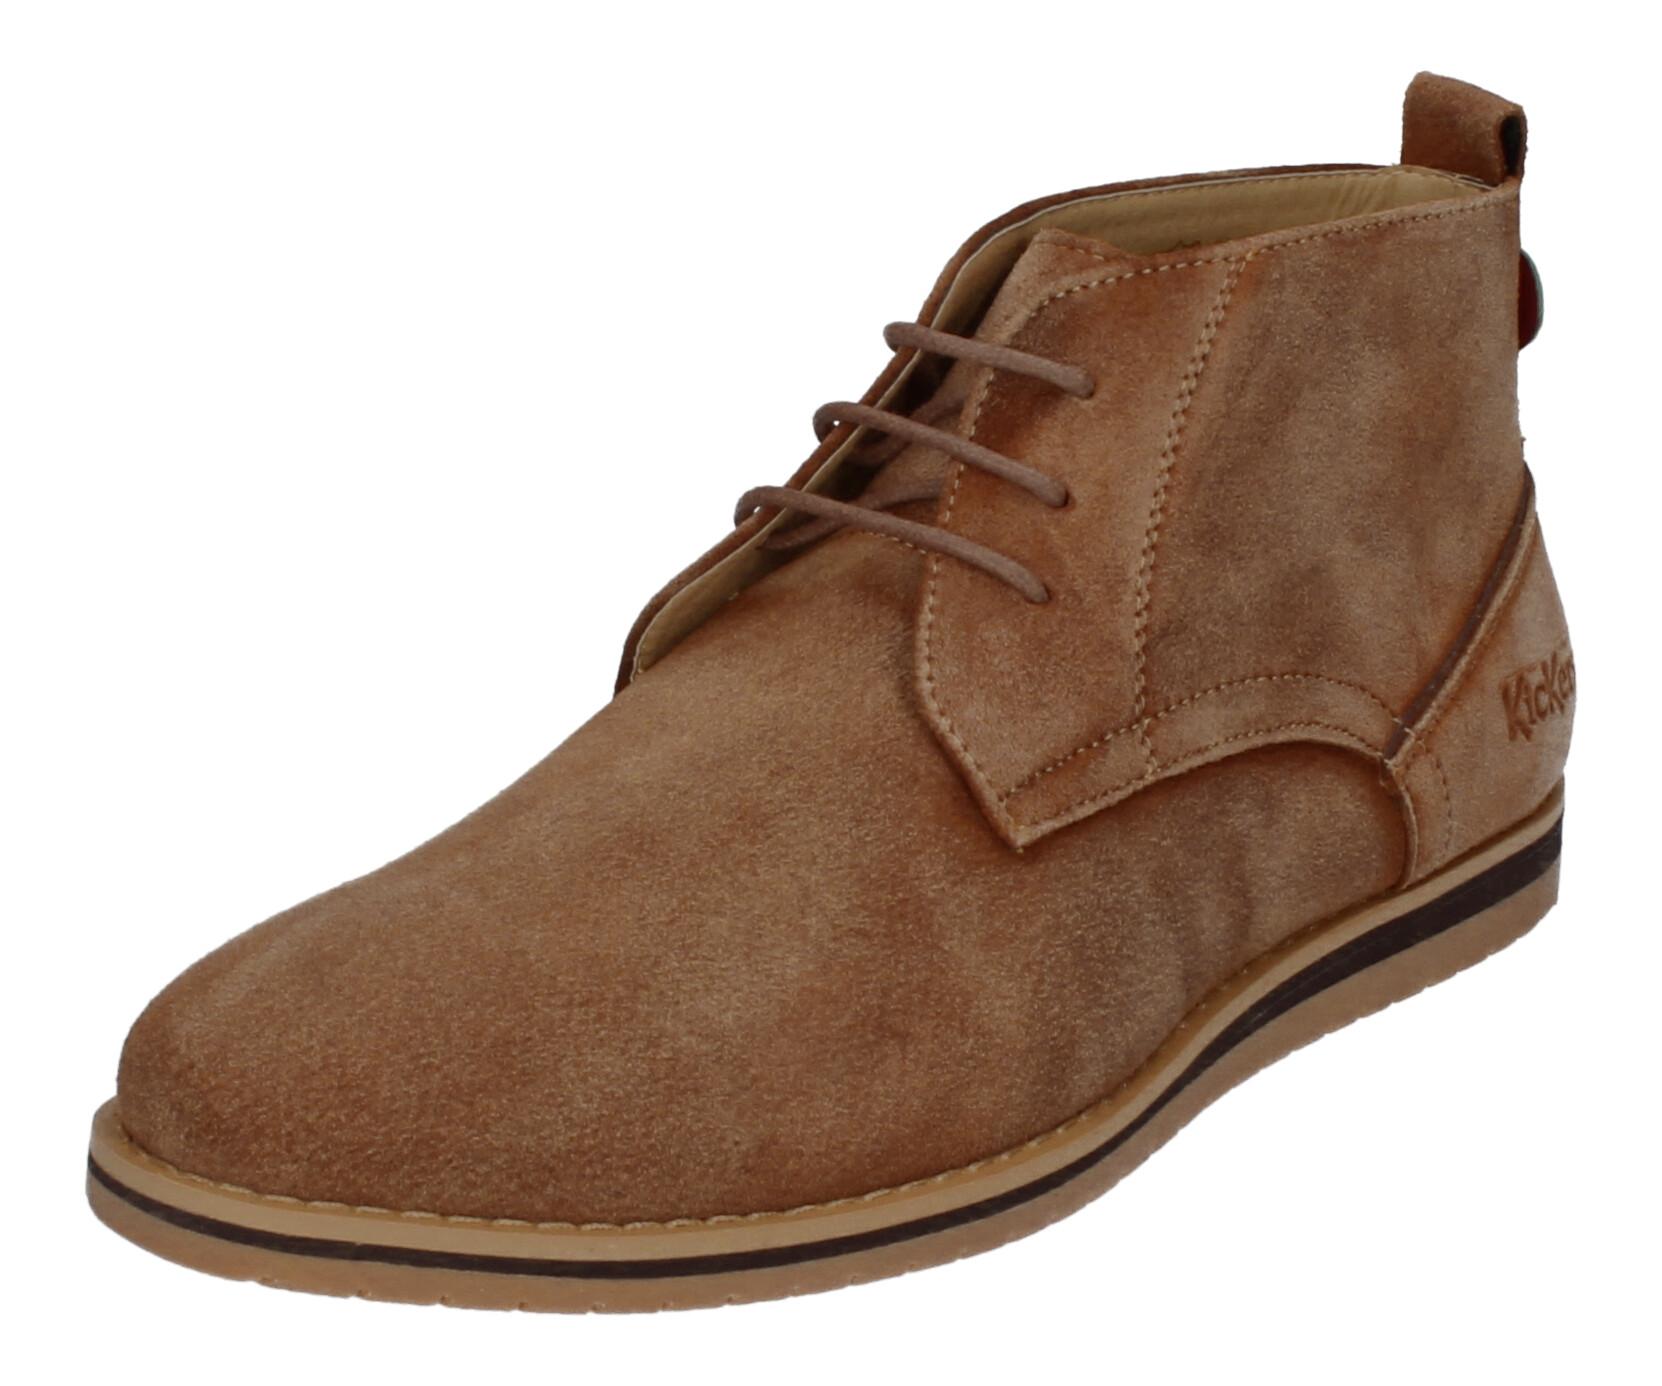 KICKERS Herren Boots - TUMPIC 589350-60-114 - camel_1